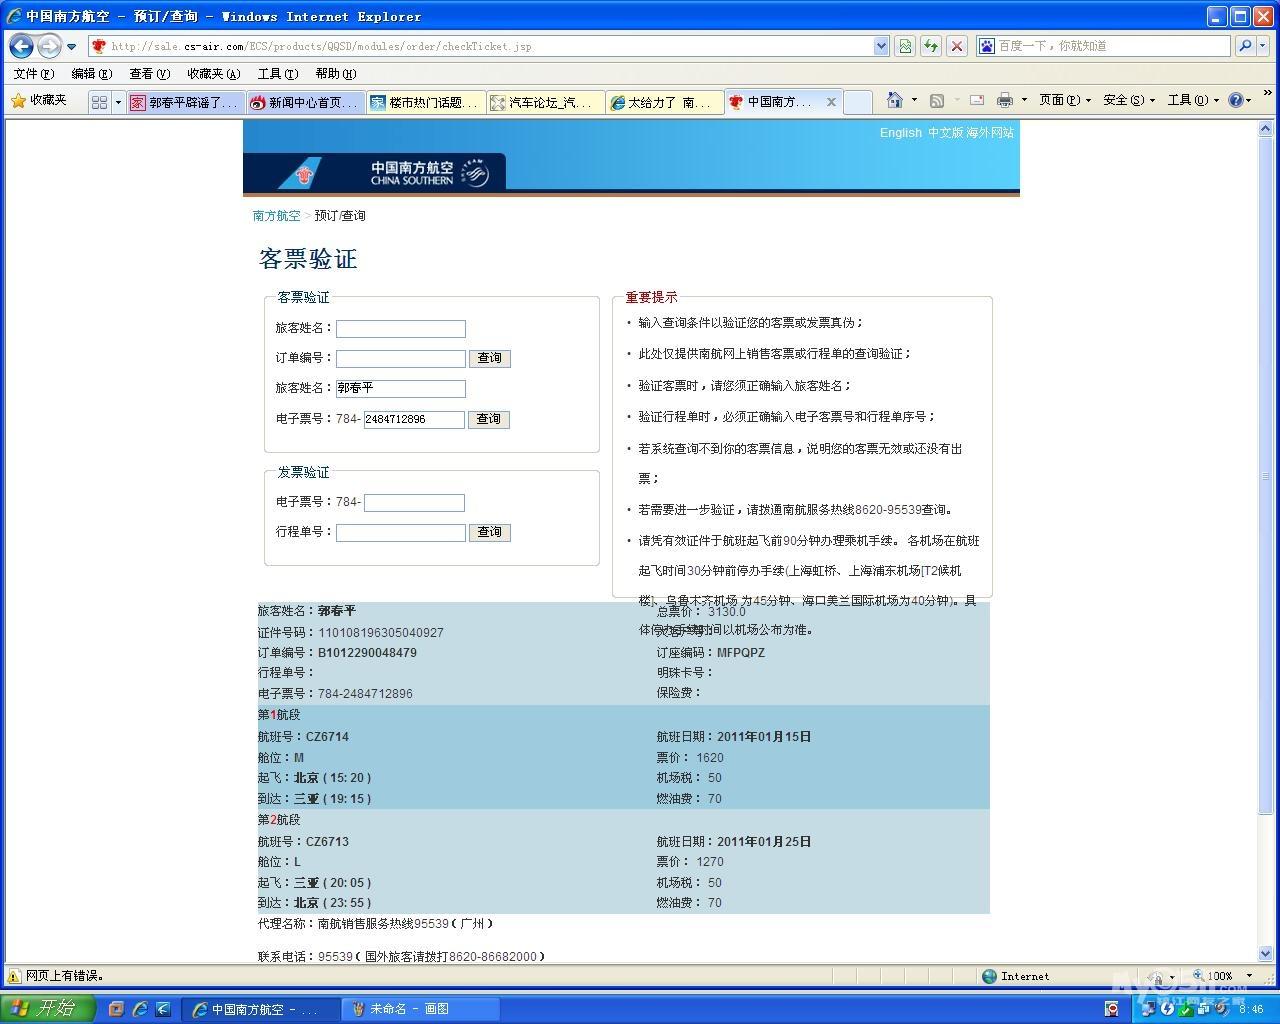 上海社保局12333_上海市人力资源和社会保障局_12333社保查询网_人力资源和社会保 ...